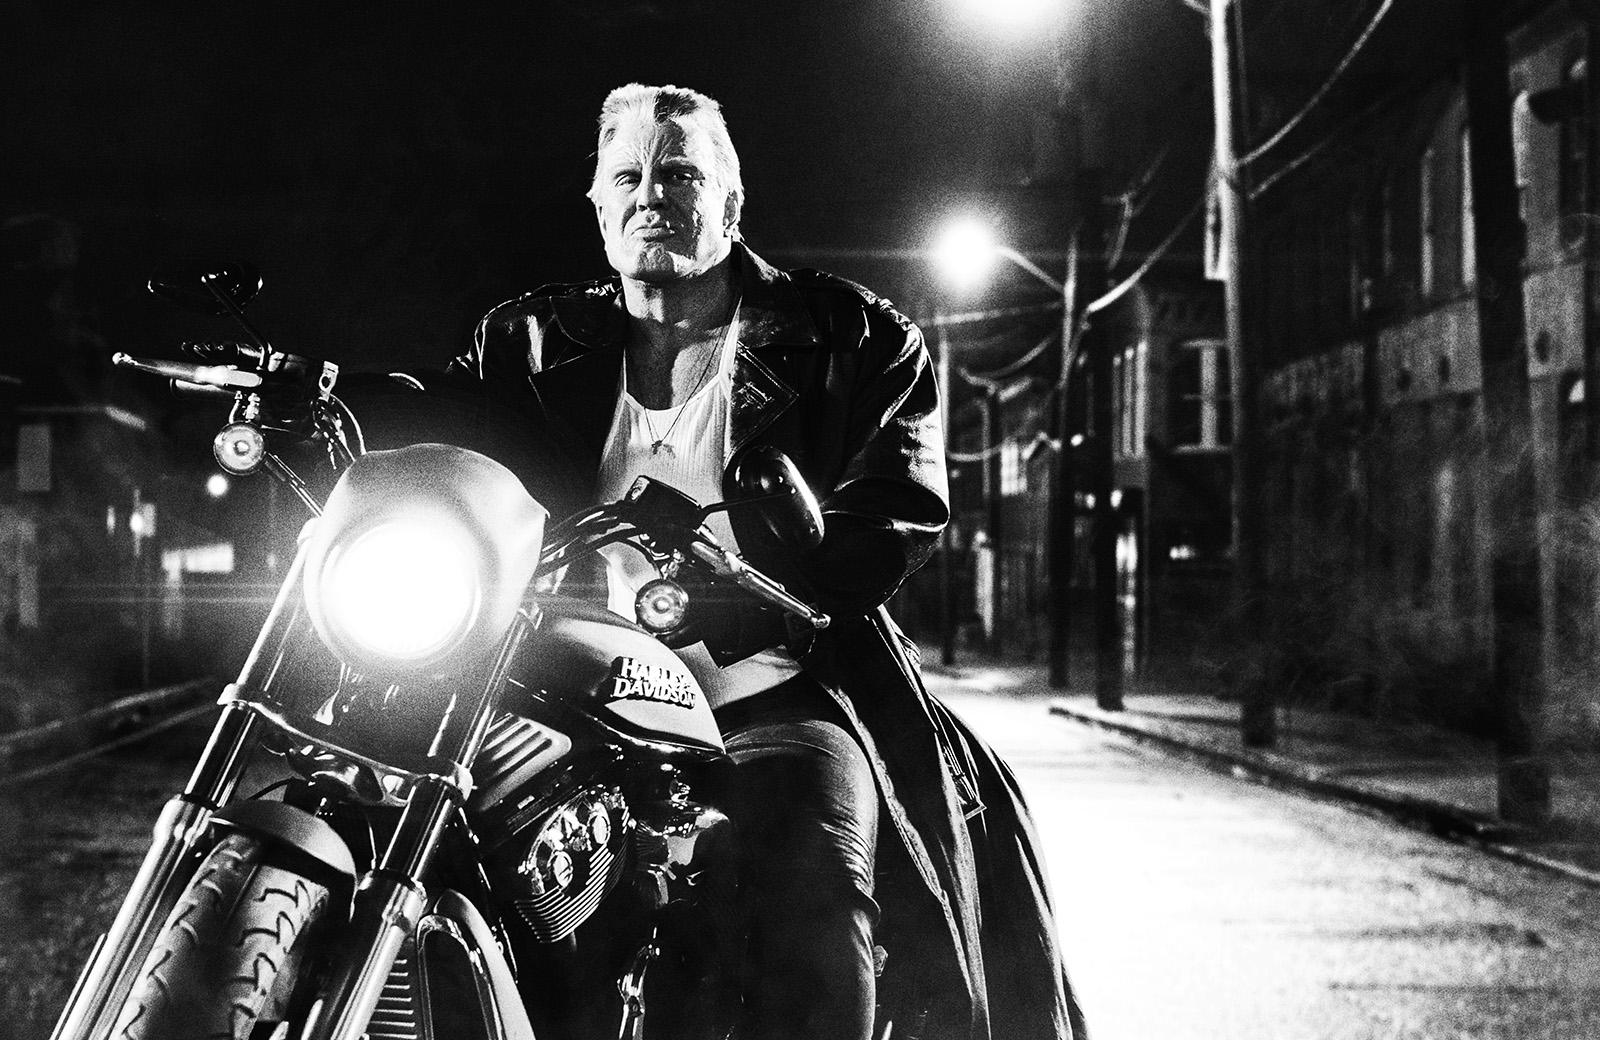 Photo de Marv dans le film Sin City : J'ai Tué Pour Elle. Le héros est sur sa moto, face à l'objectif.